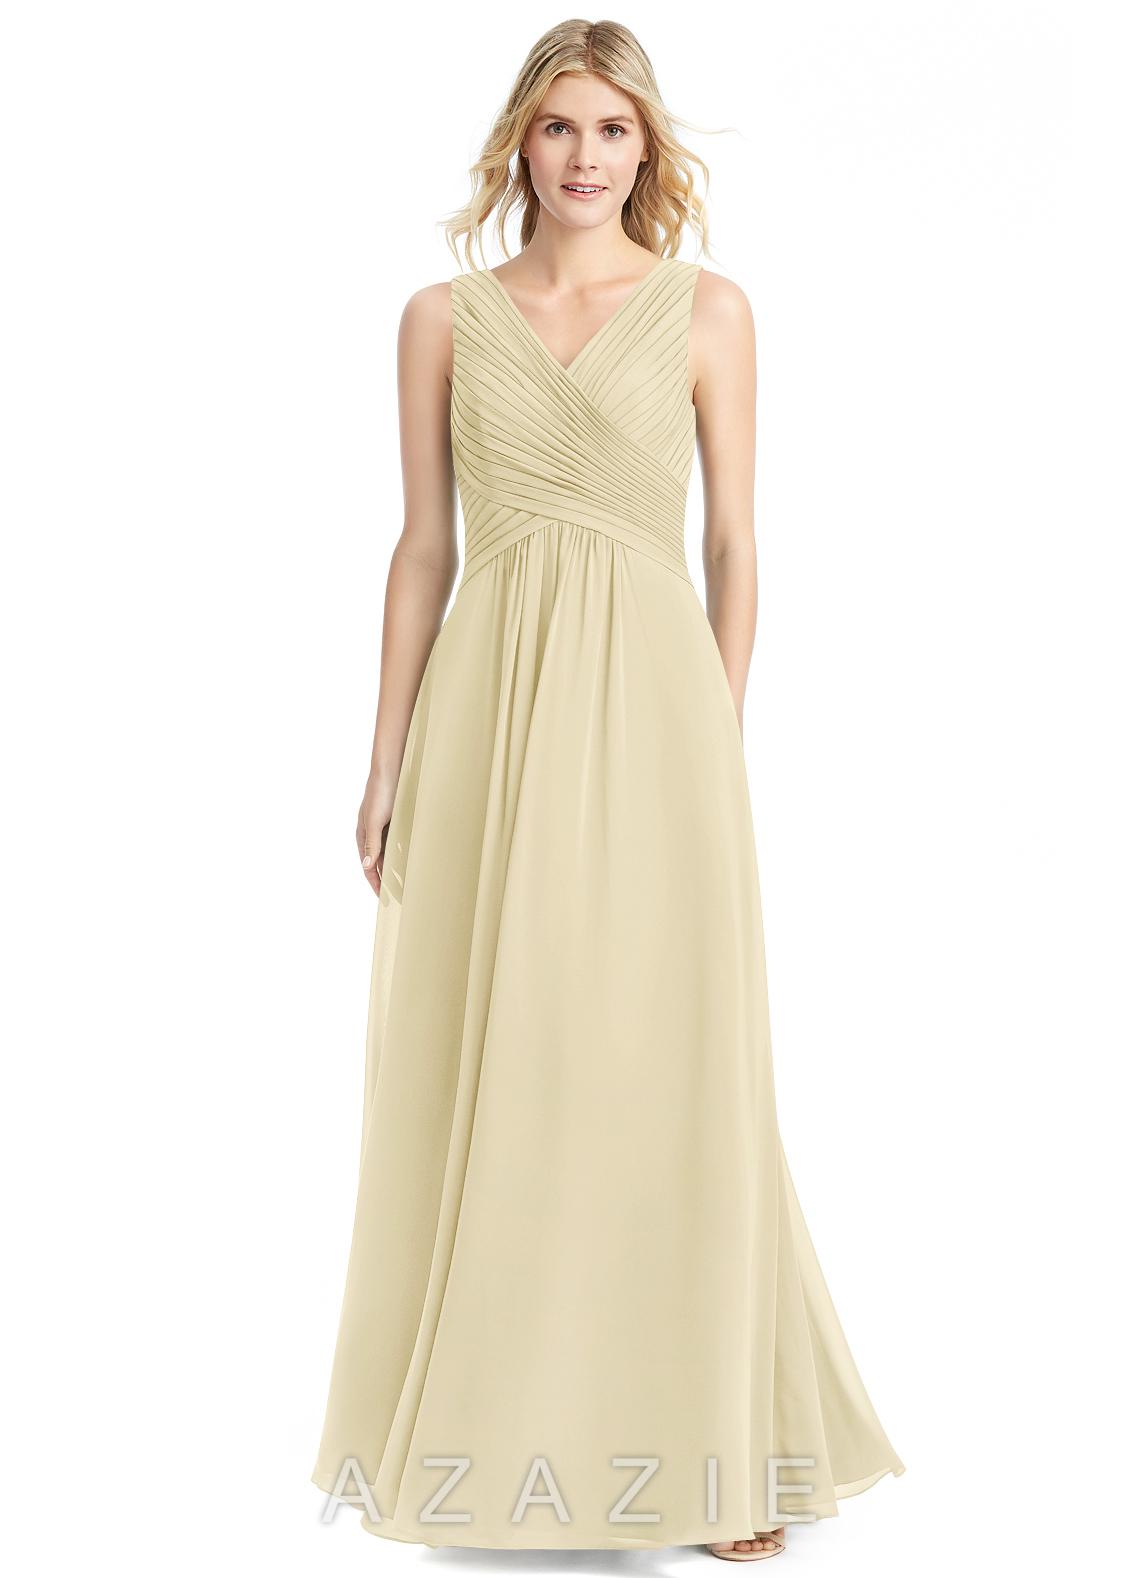 Azazie Flora Bridesmaid Dress | Azazie - photo #11